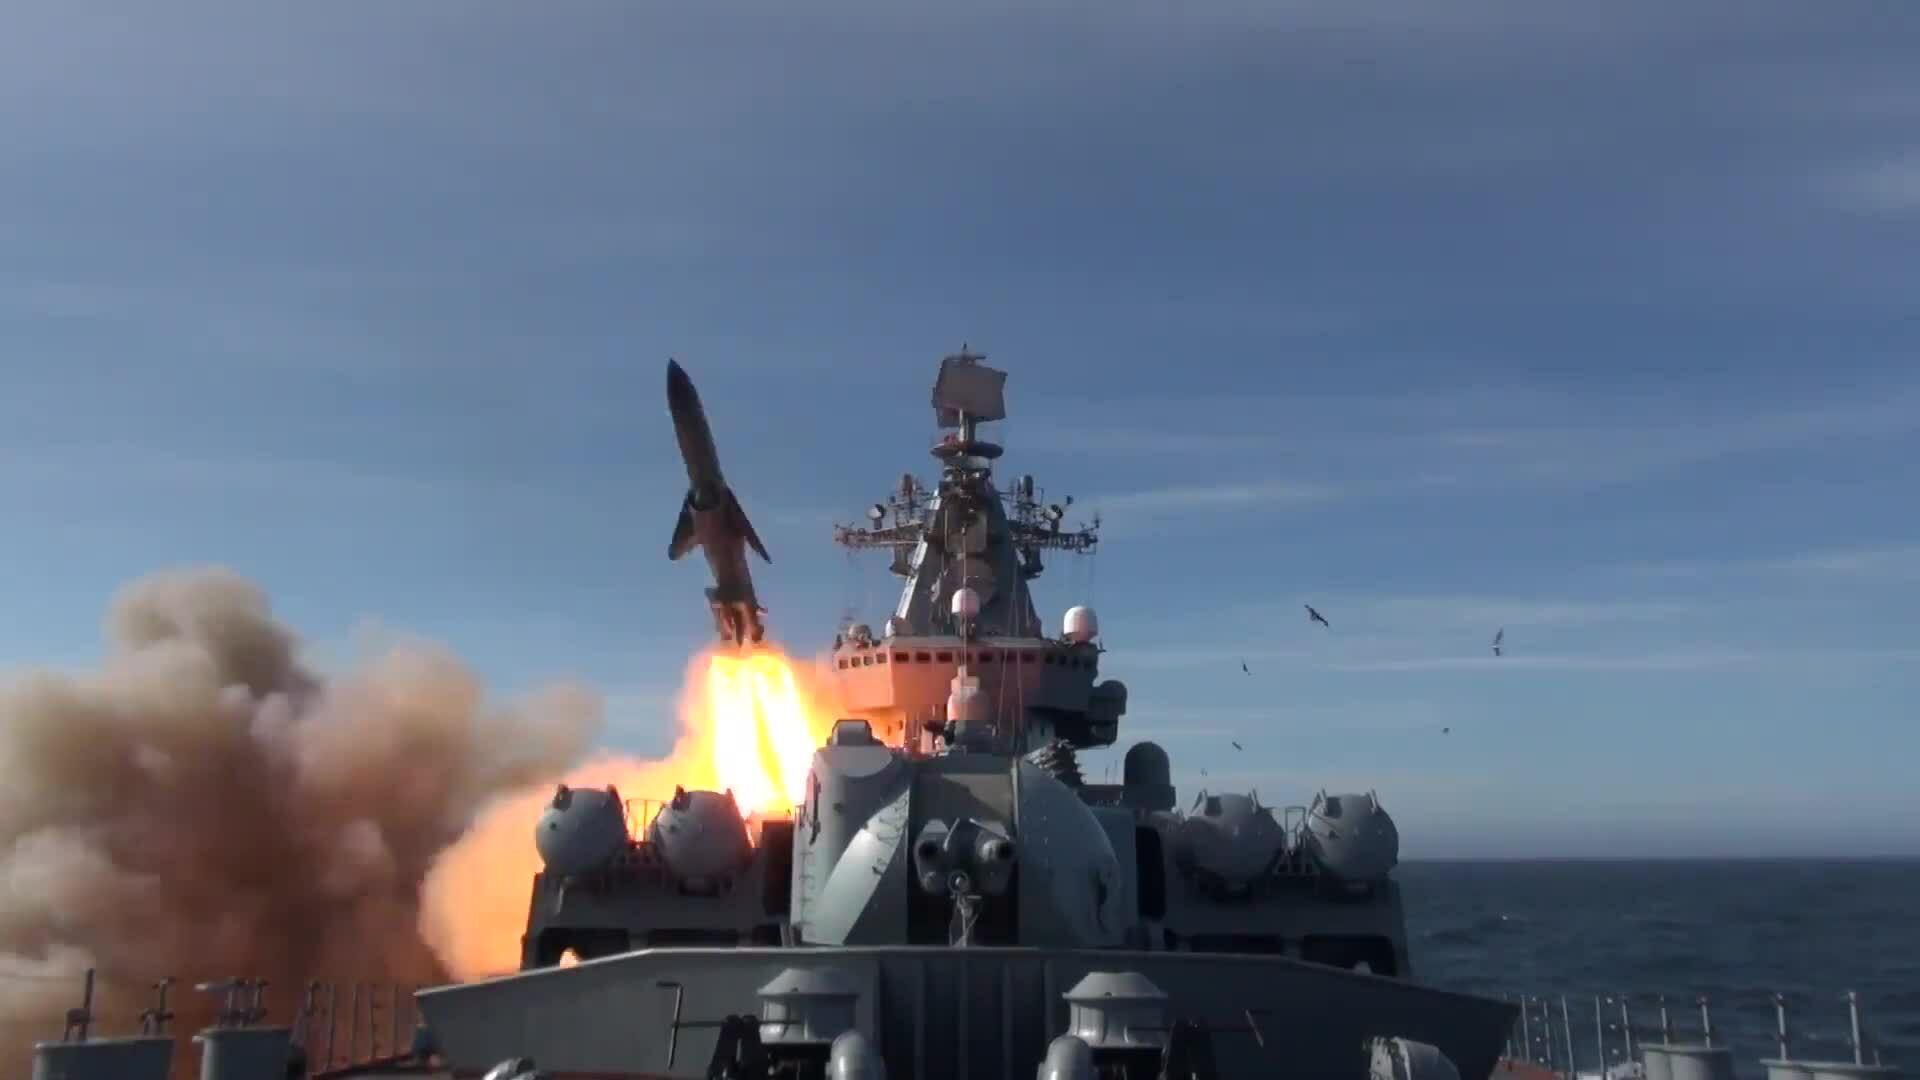 Chiến hạm Nga diễn tập đánh chìm tàu chiến địch